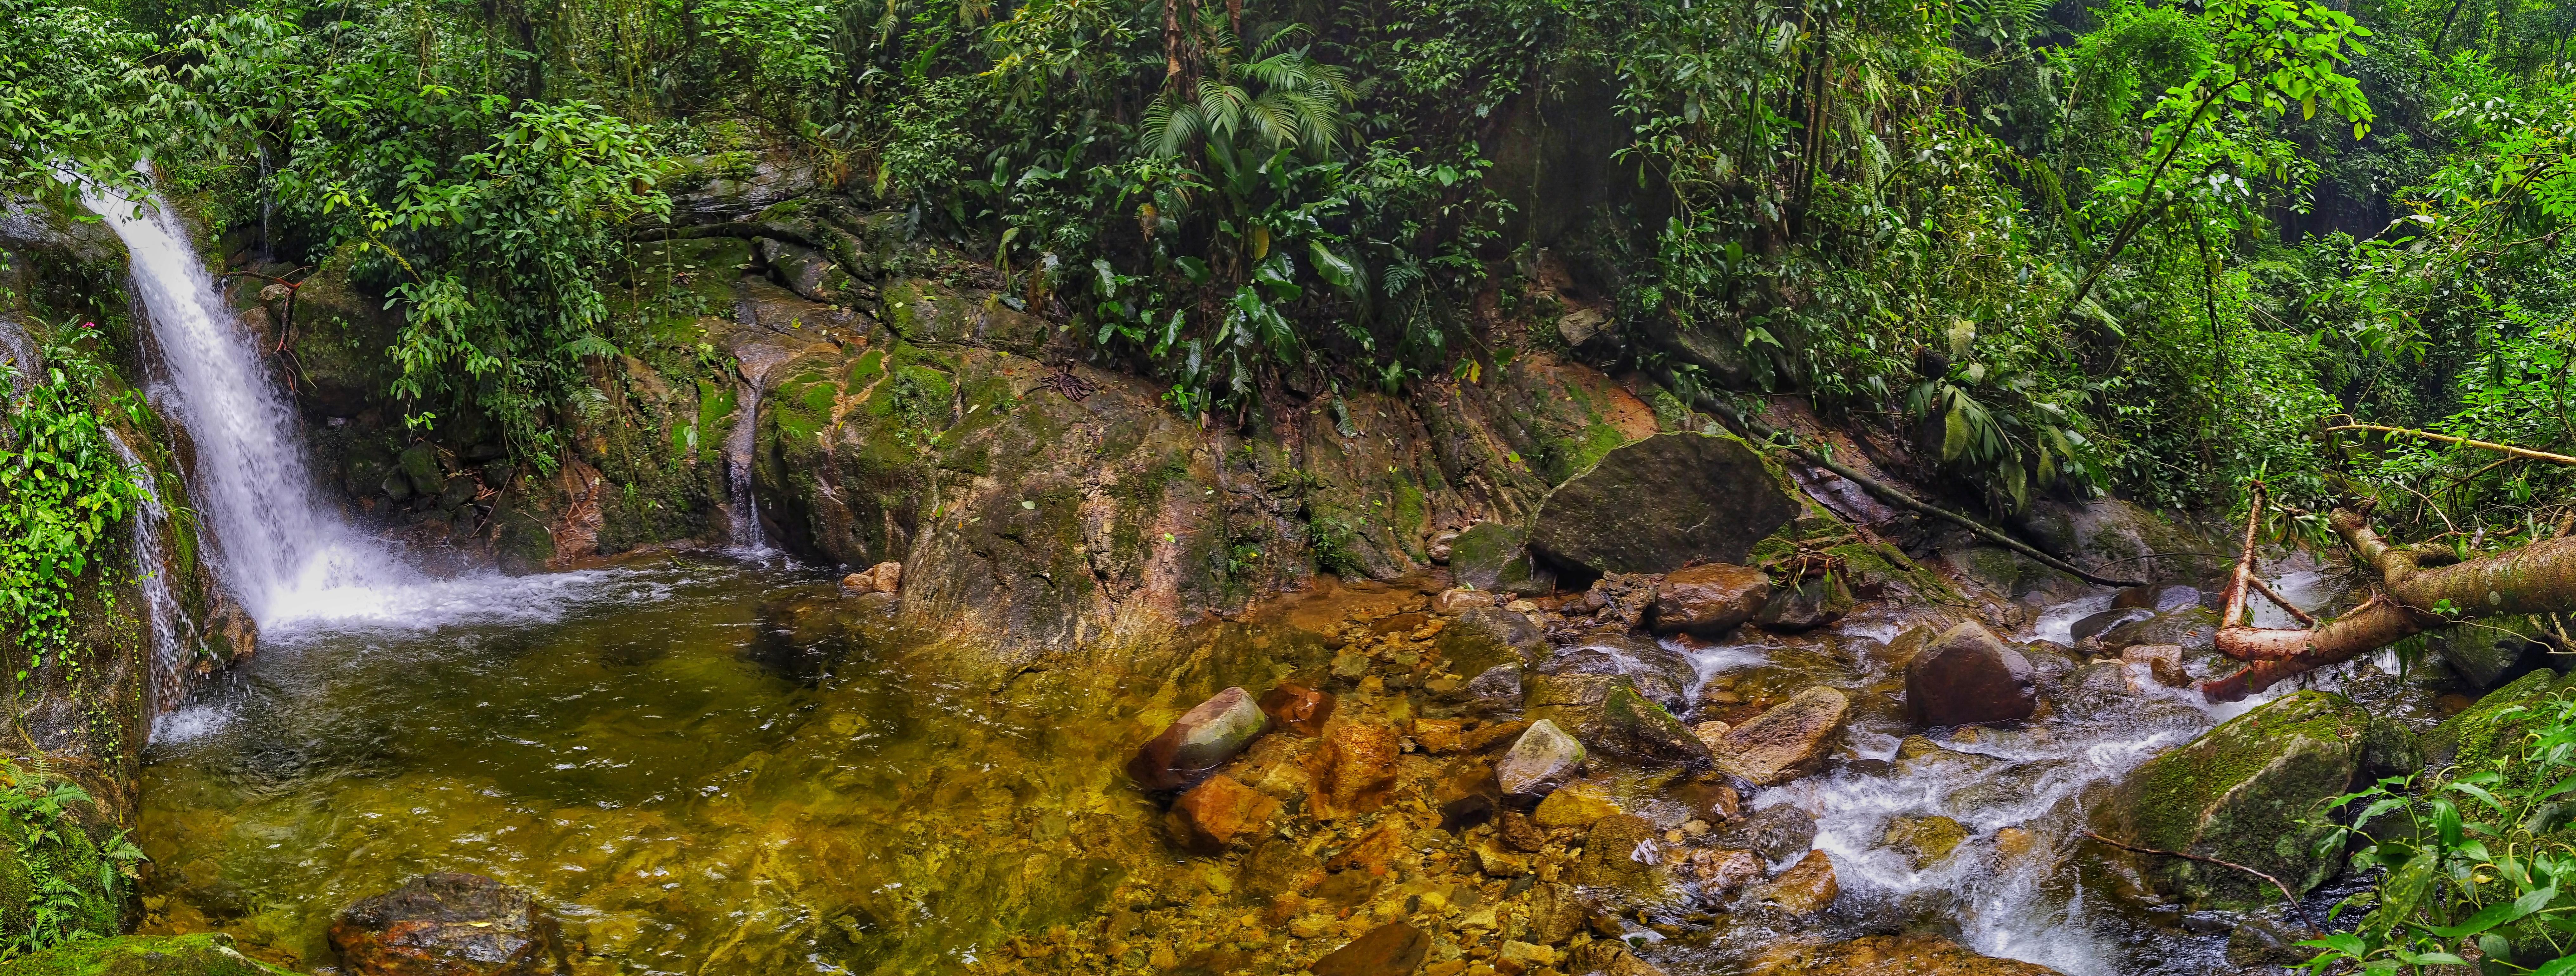 Parte do rio Iconha, o Poço do Encantado faz jus ao nome. Foto: Douglas Mota/BaixadaZine